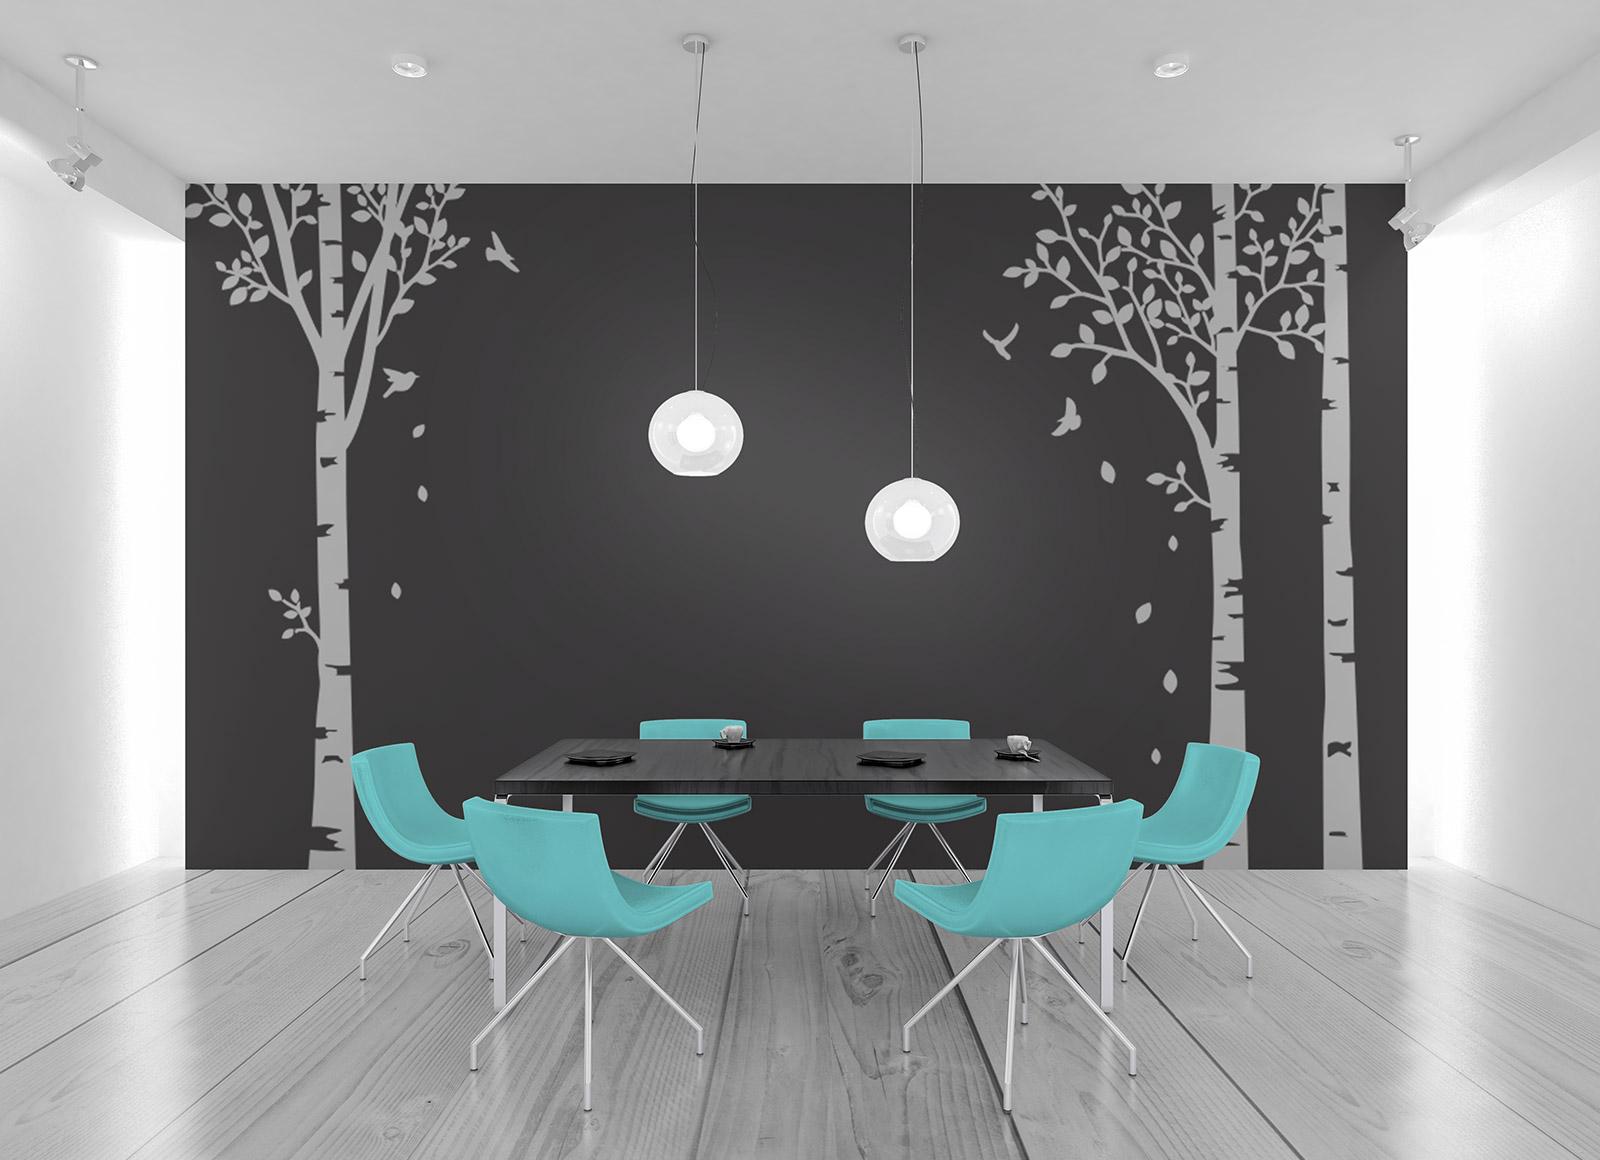 Free-Wall-Art-Sticker-Mockup-PSD